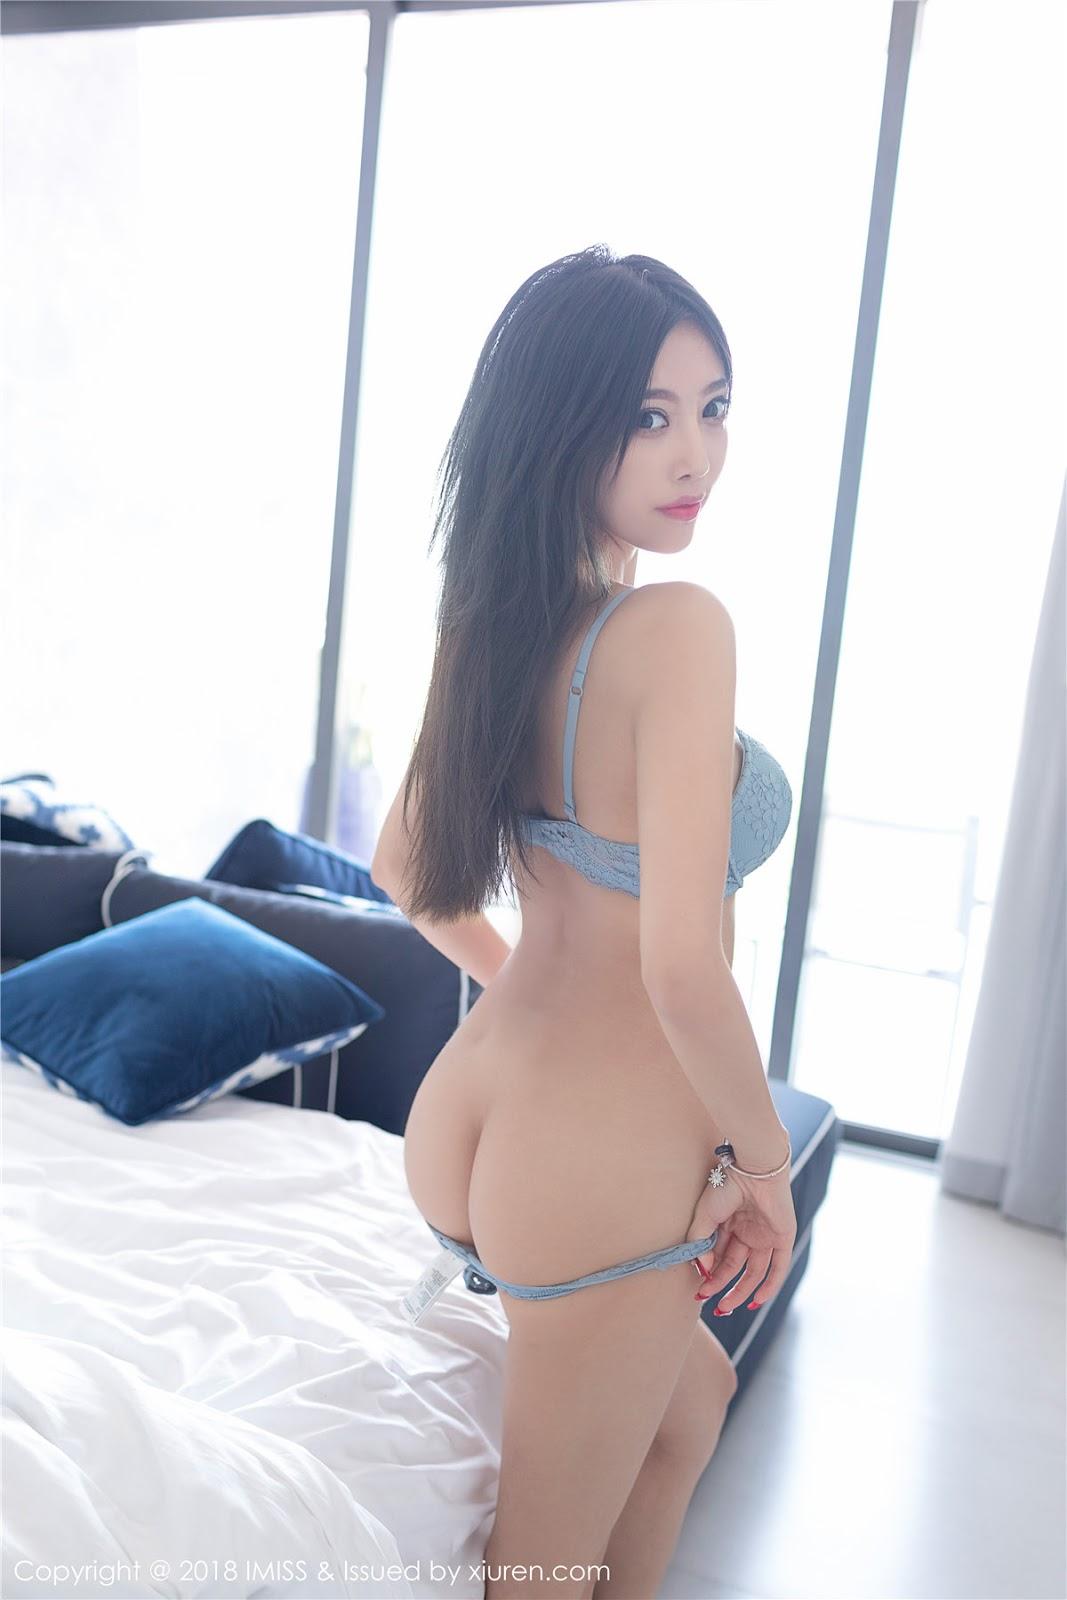 Hot Girls ♔♔… 杨晨晨sugar, - Trang 18